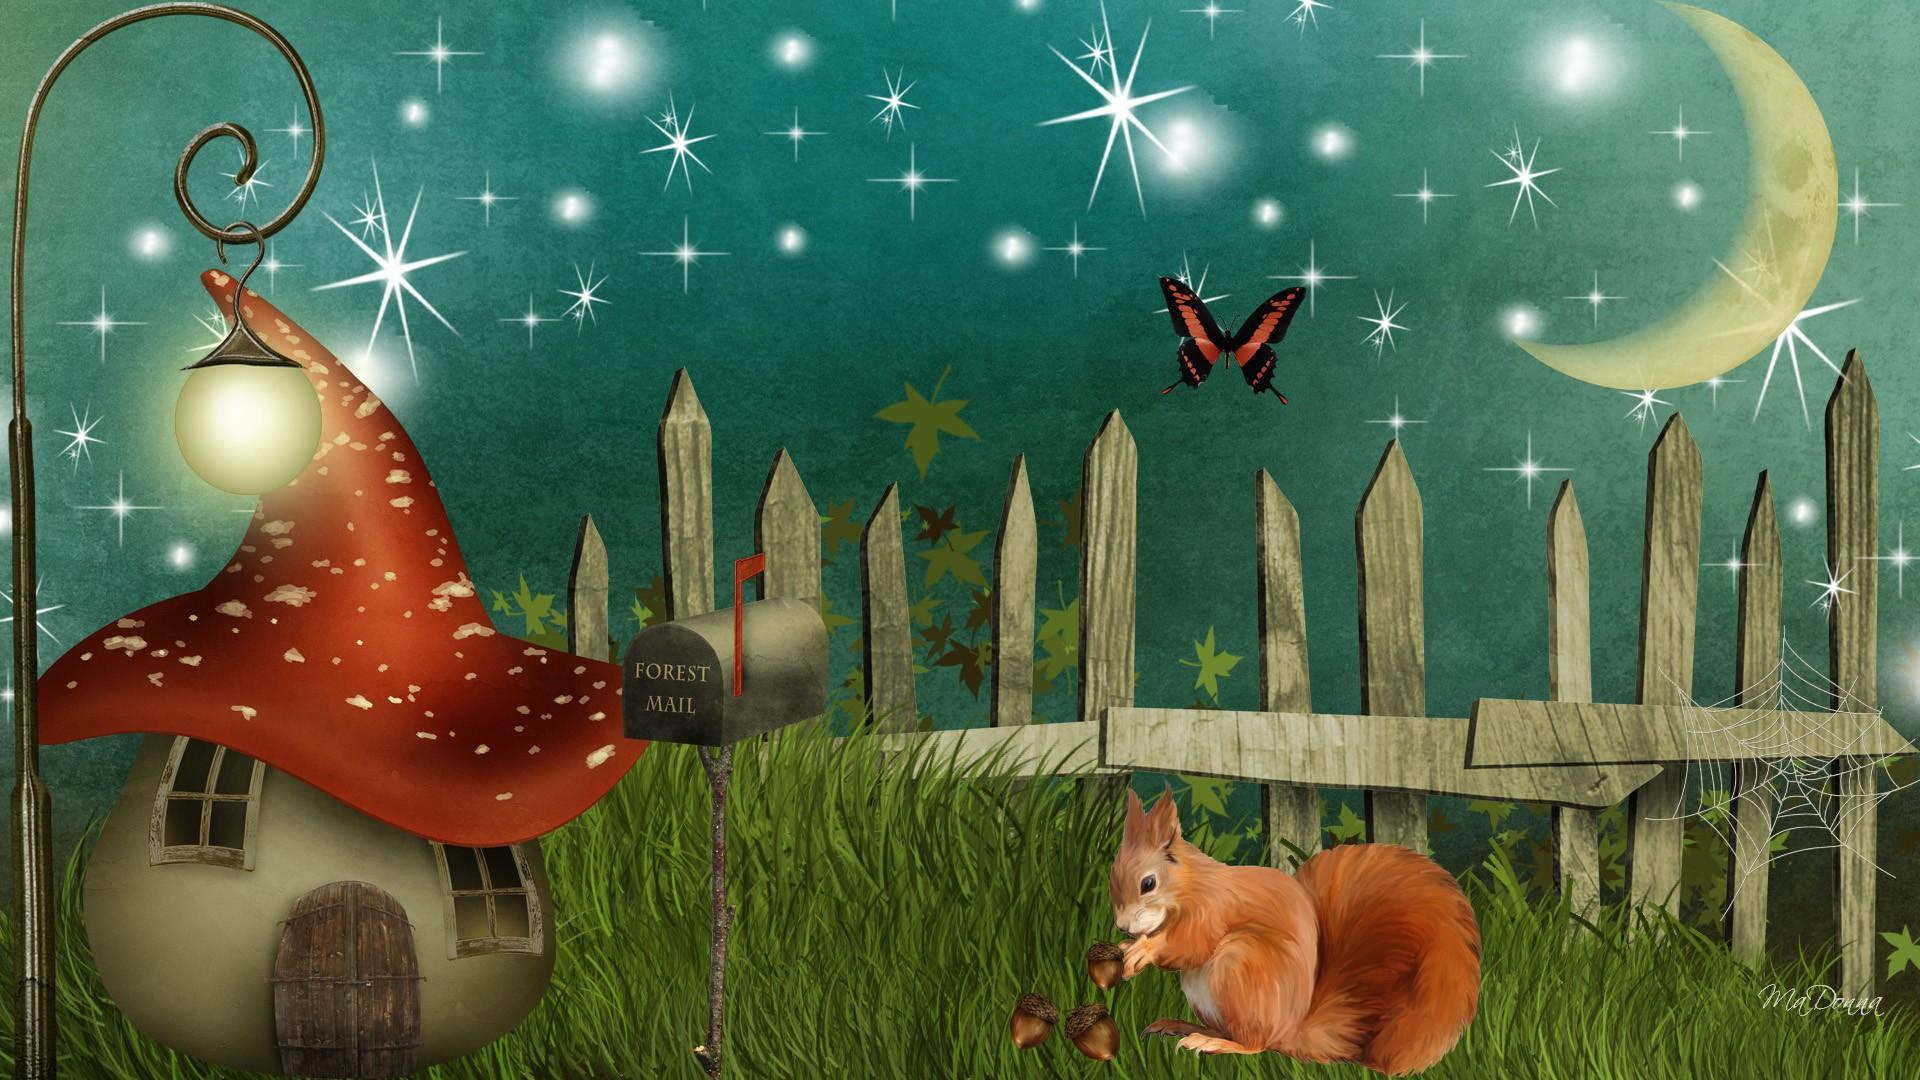 Best 69 Whimsical Wallpaper on HipWallpaper Whimsical Wallpaper 1920x1080